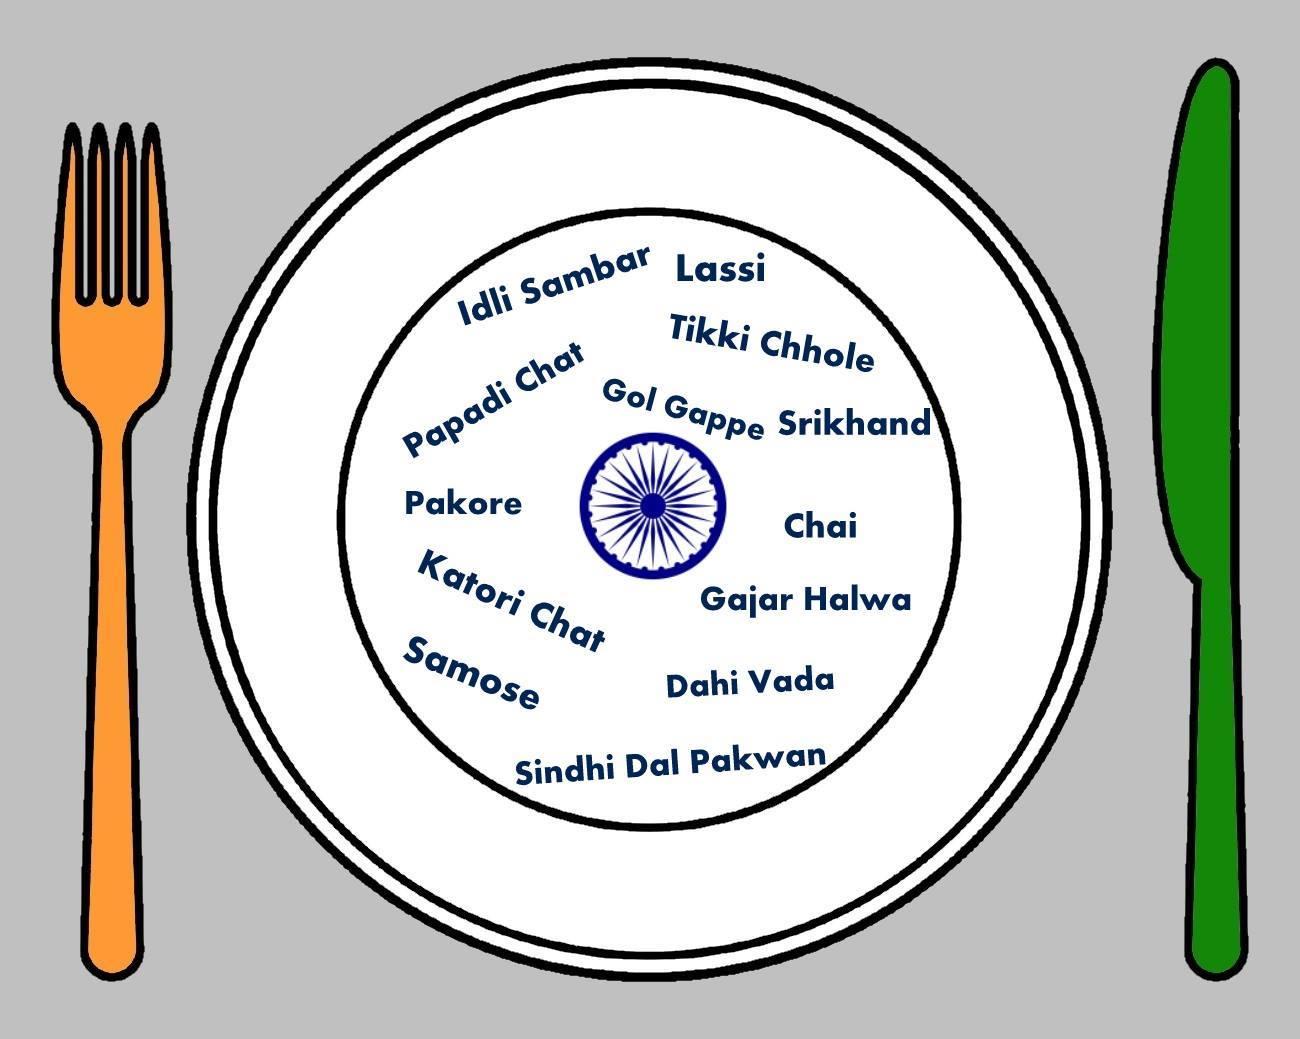 iia-diwali-mela-2015-food-stall